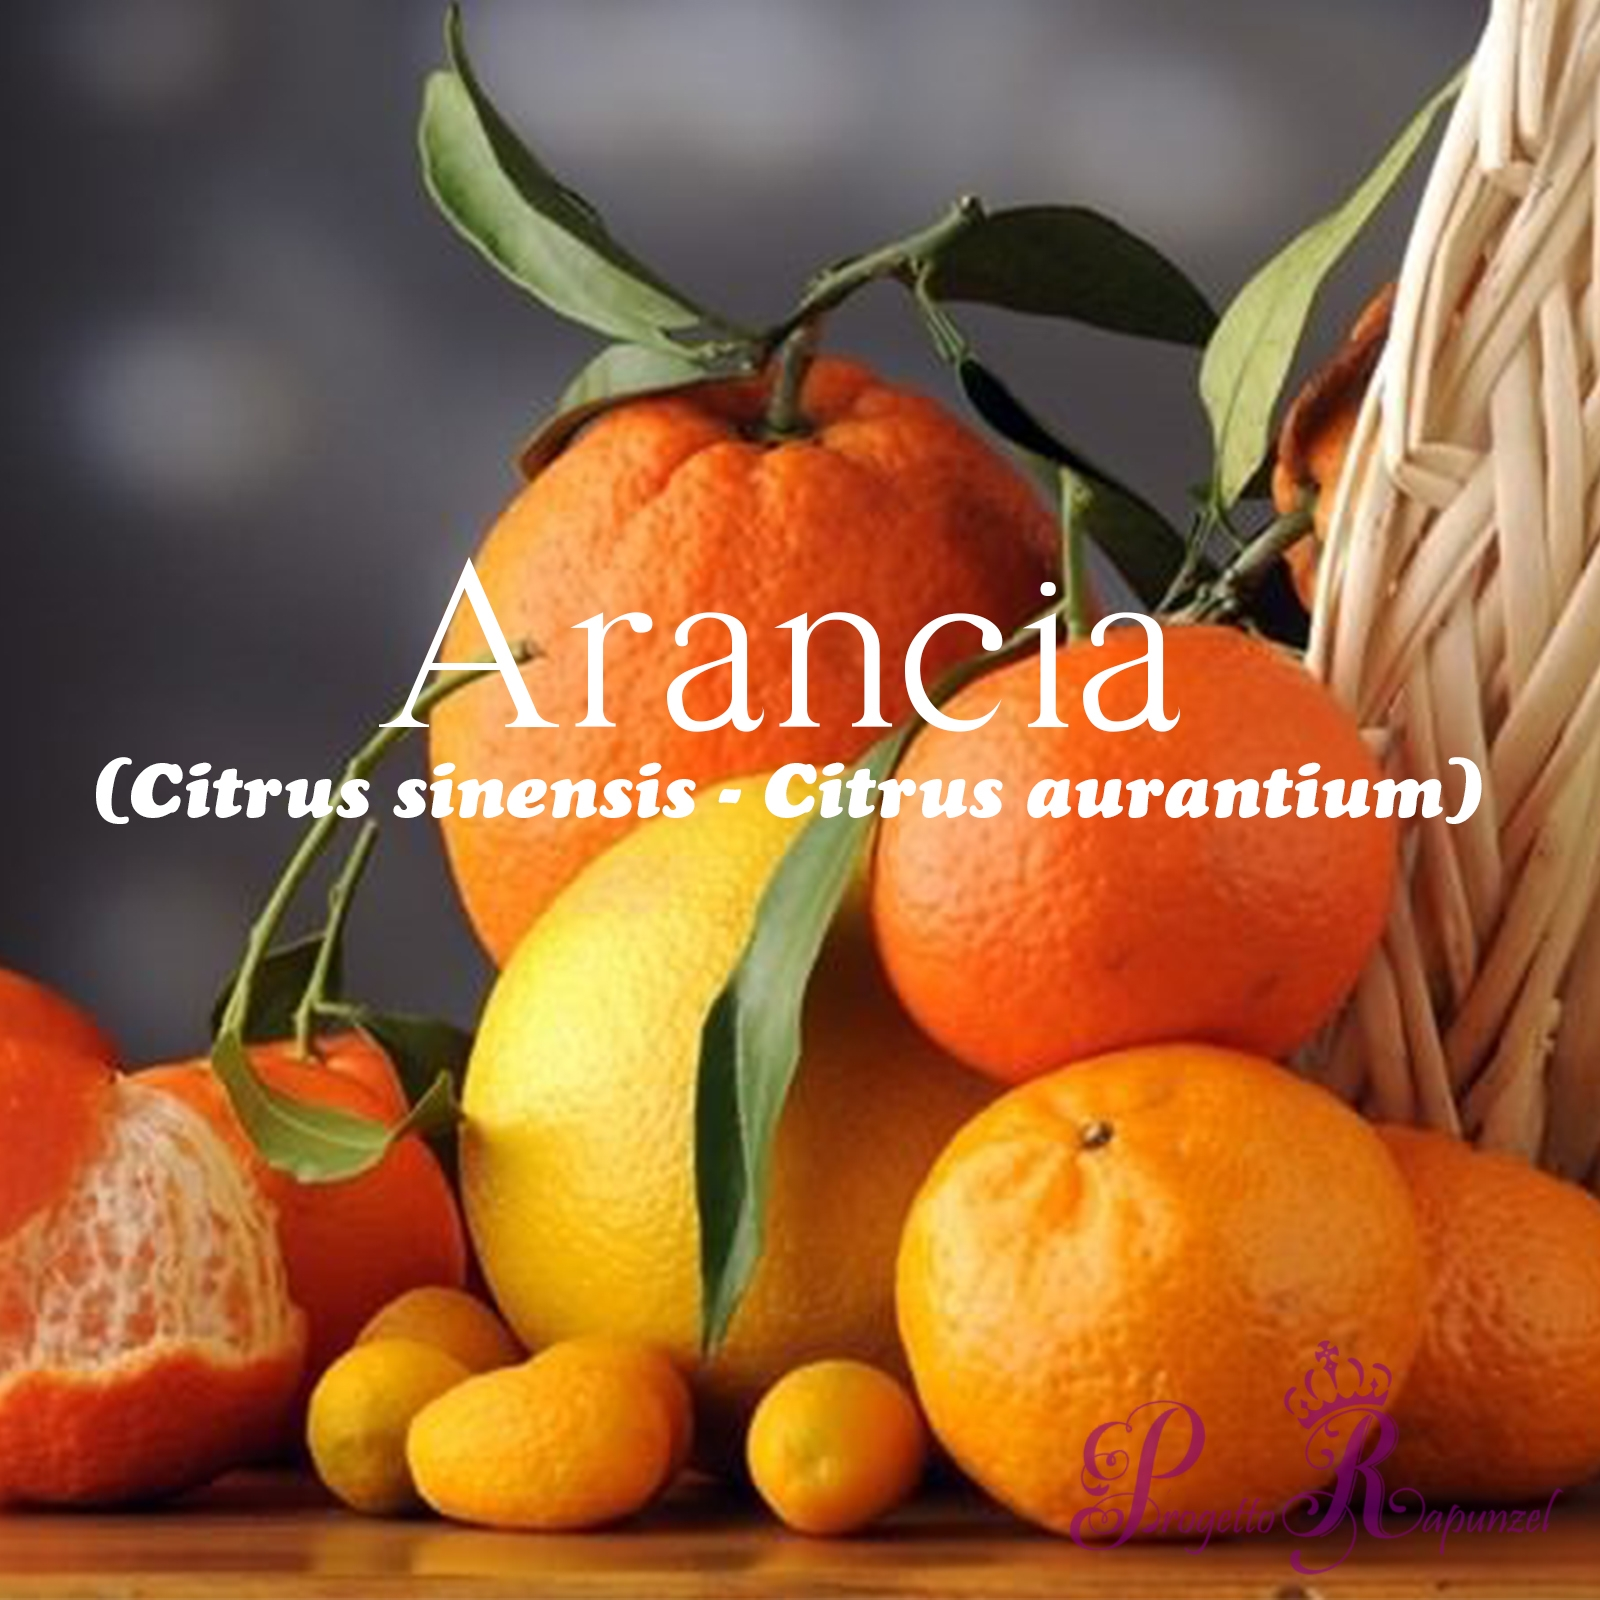 Arancia (Citrus sinensis – Citrus aurantium)